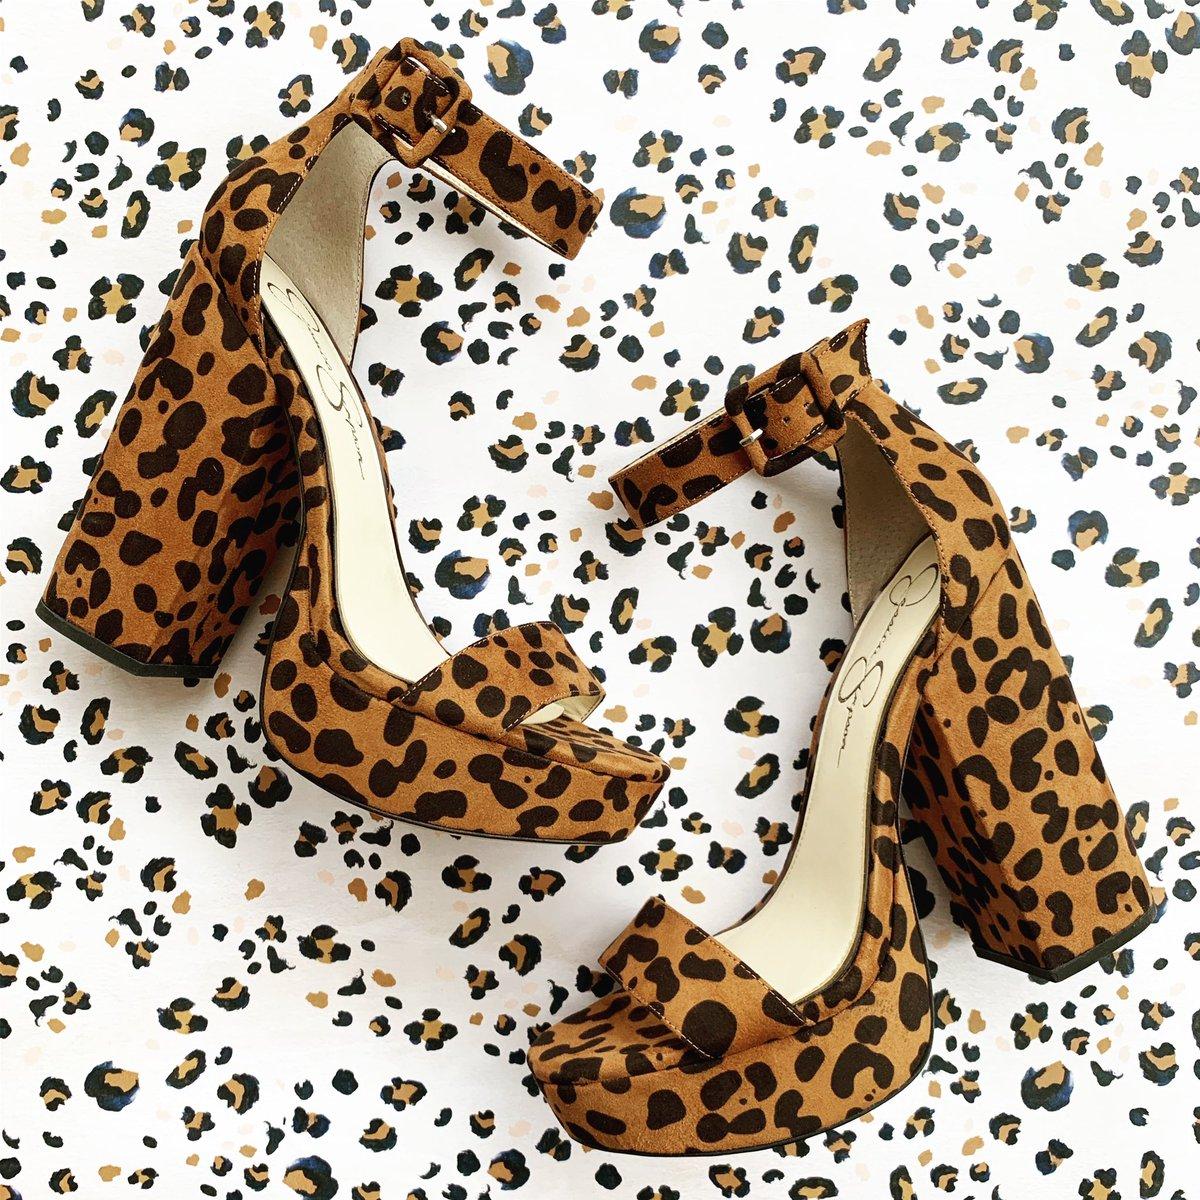 Leopard is my favorite color! ????   https://t.co/3bbmMETjIx https://t.co/68QFVXMesL